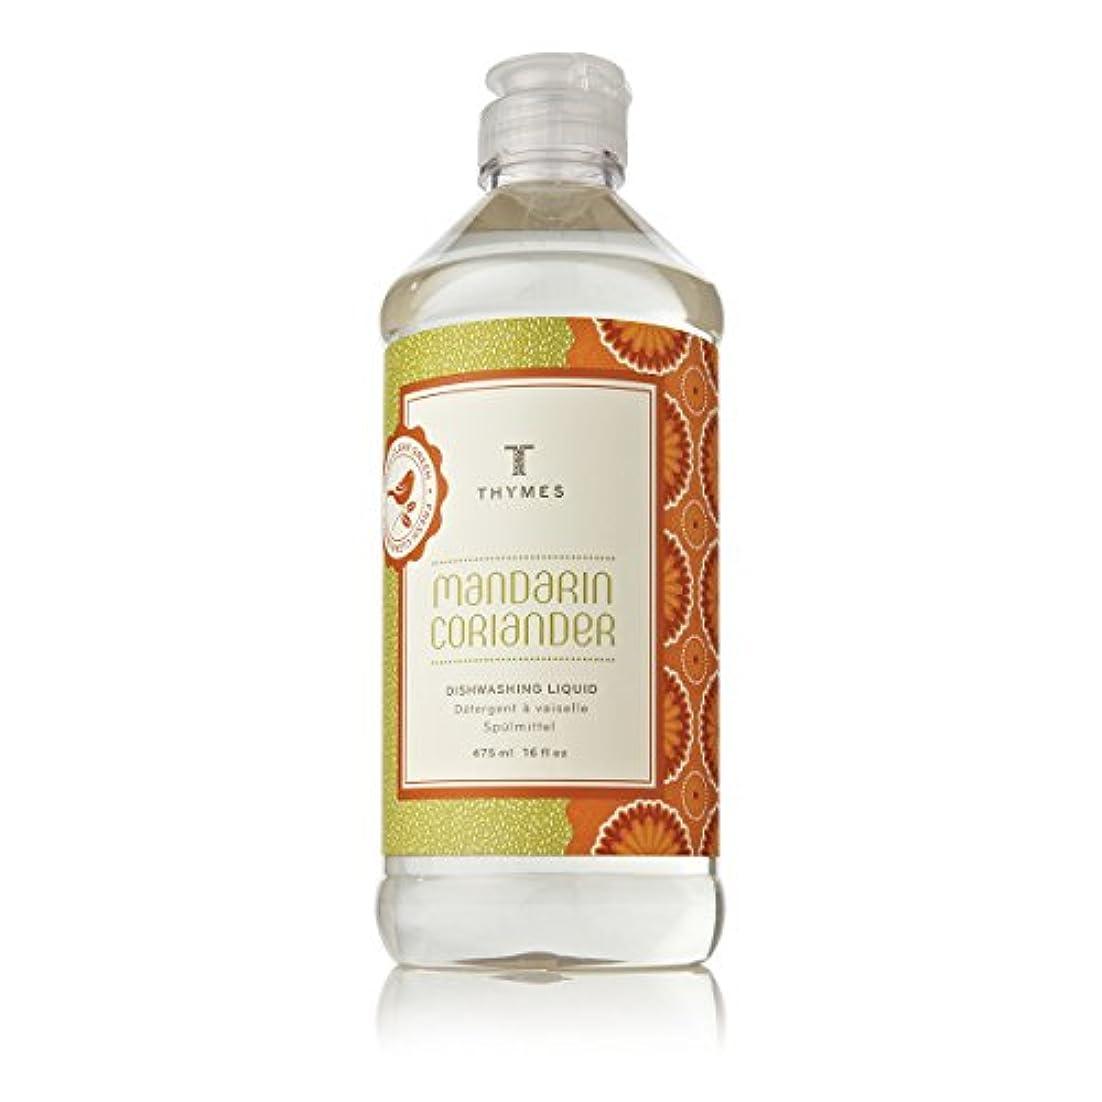 乳白アトム非常にThymes Mandarin Coriander Dishwashing Liquid - Oz. Natural Body Hand 0510720100 by Thymes [並行輸入品]